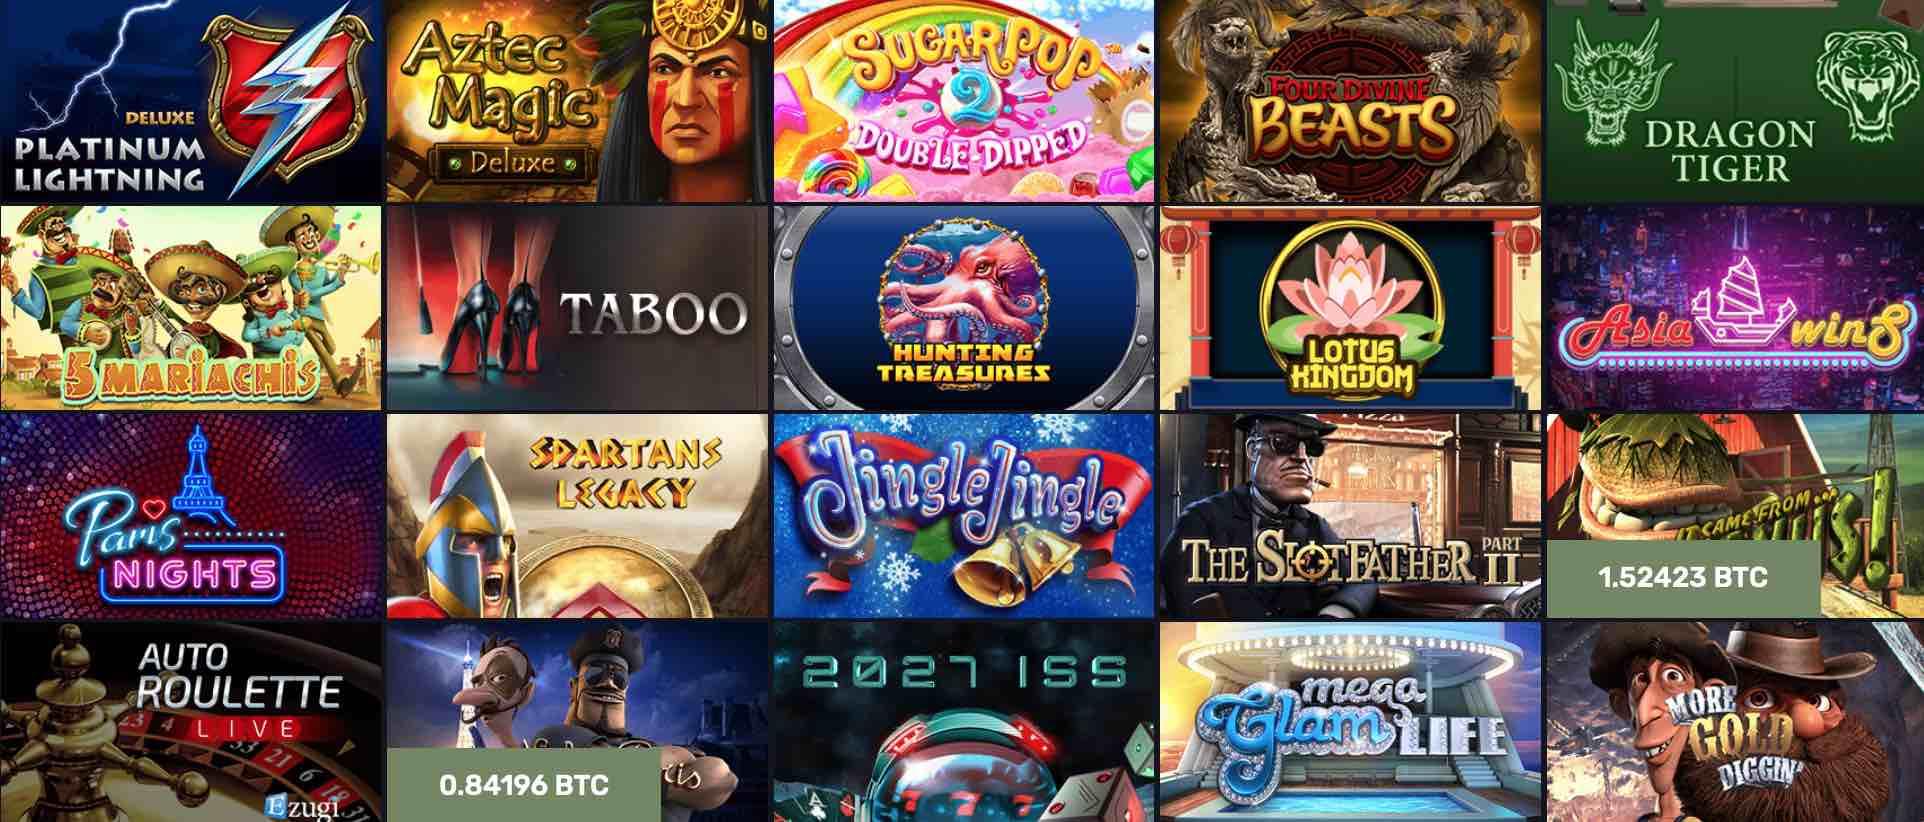 比特币赌场在线英国最好的